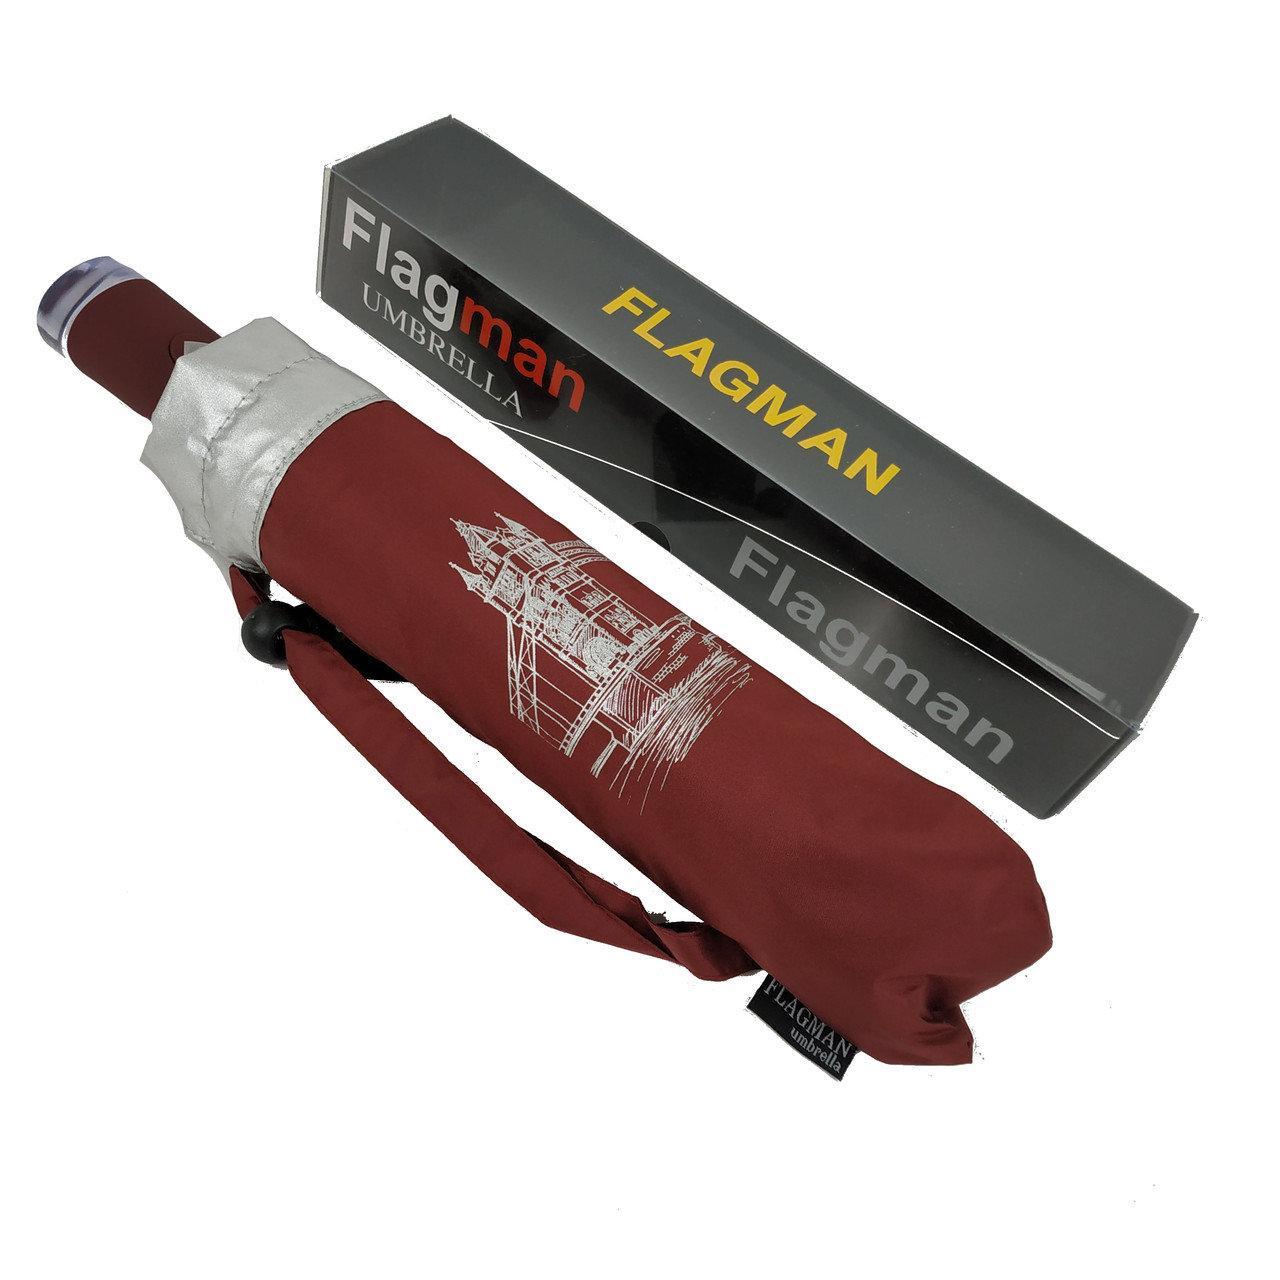 """Автоматичний жіночий парасолю з сріблястим напиленням від Flagman, модель """"Mona"""", бордовий, 714-61"""